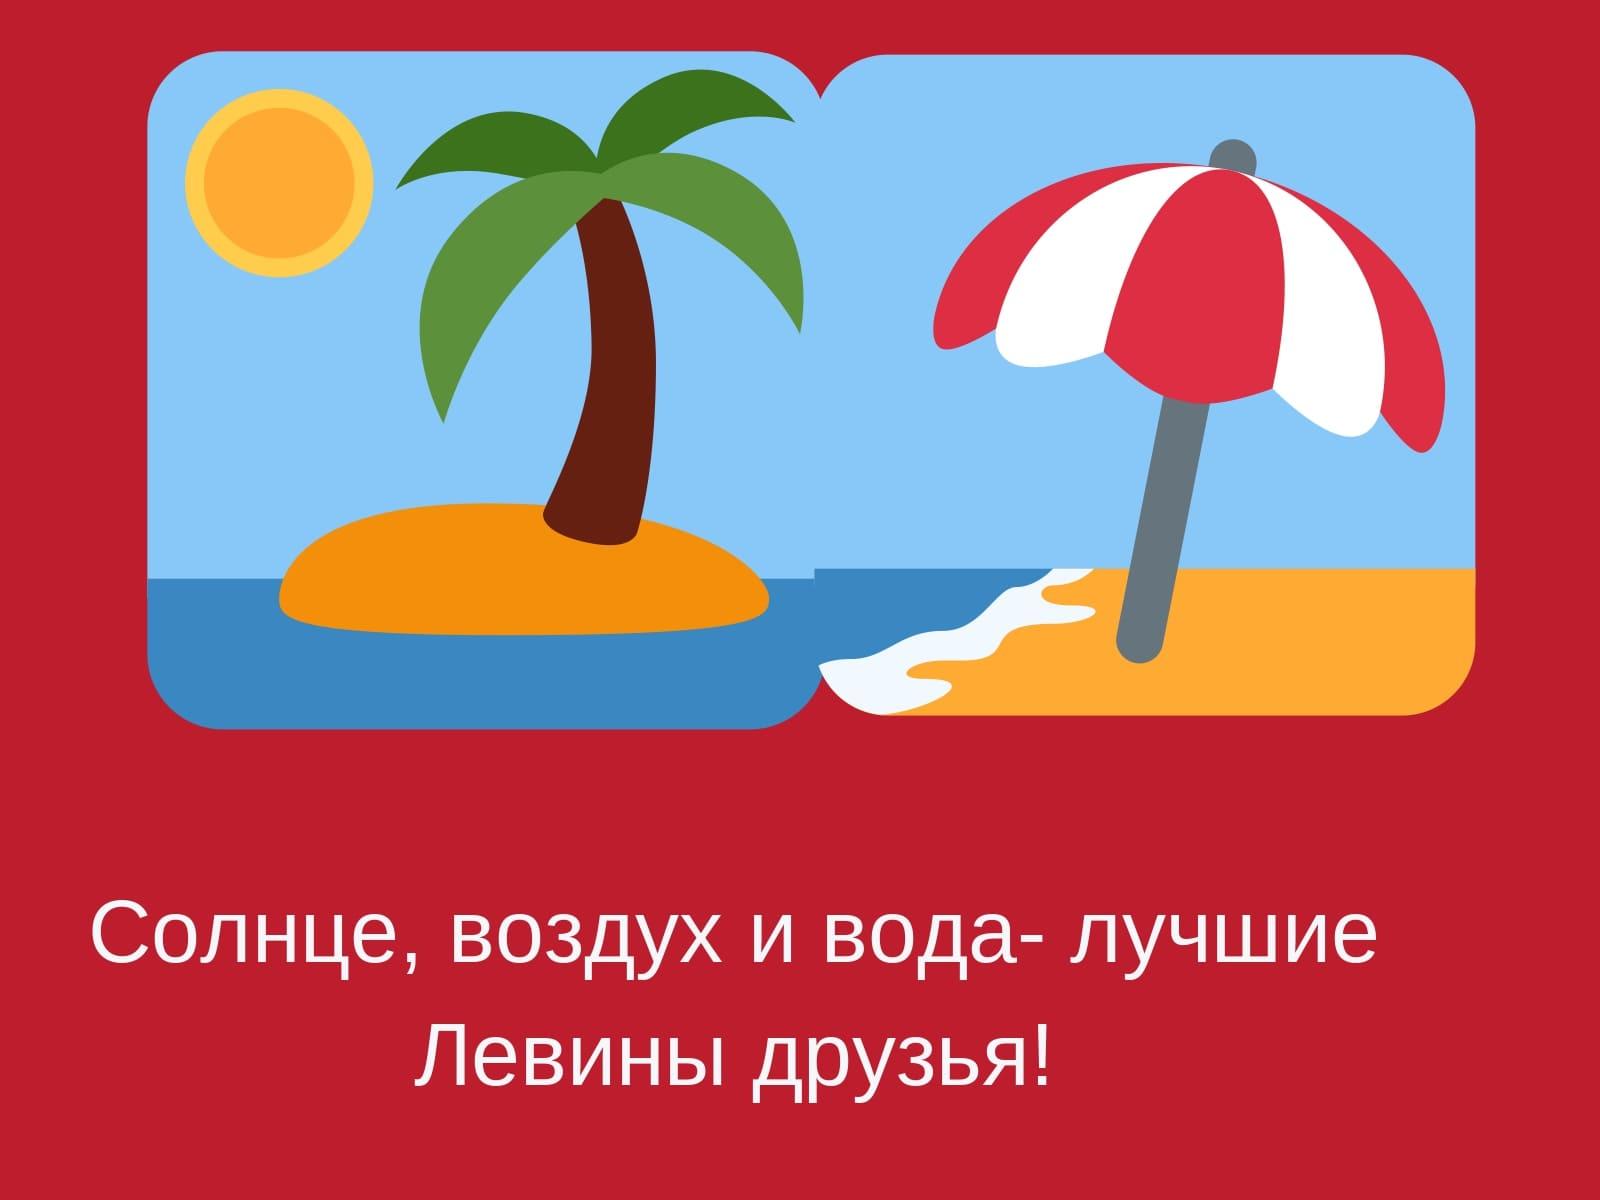 Солнце, воздух и вода -